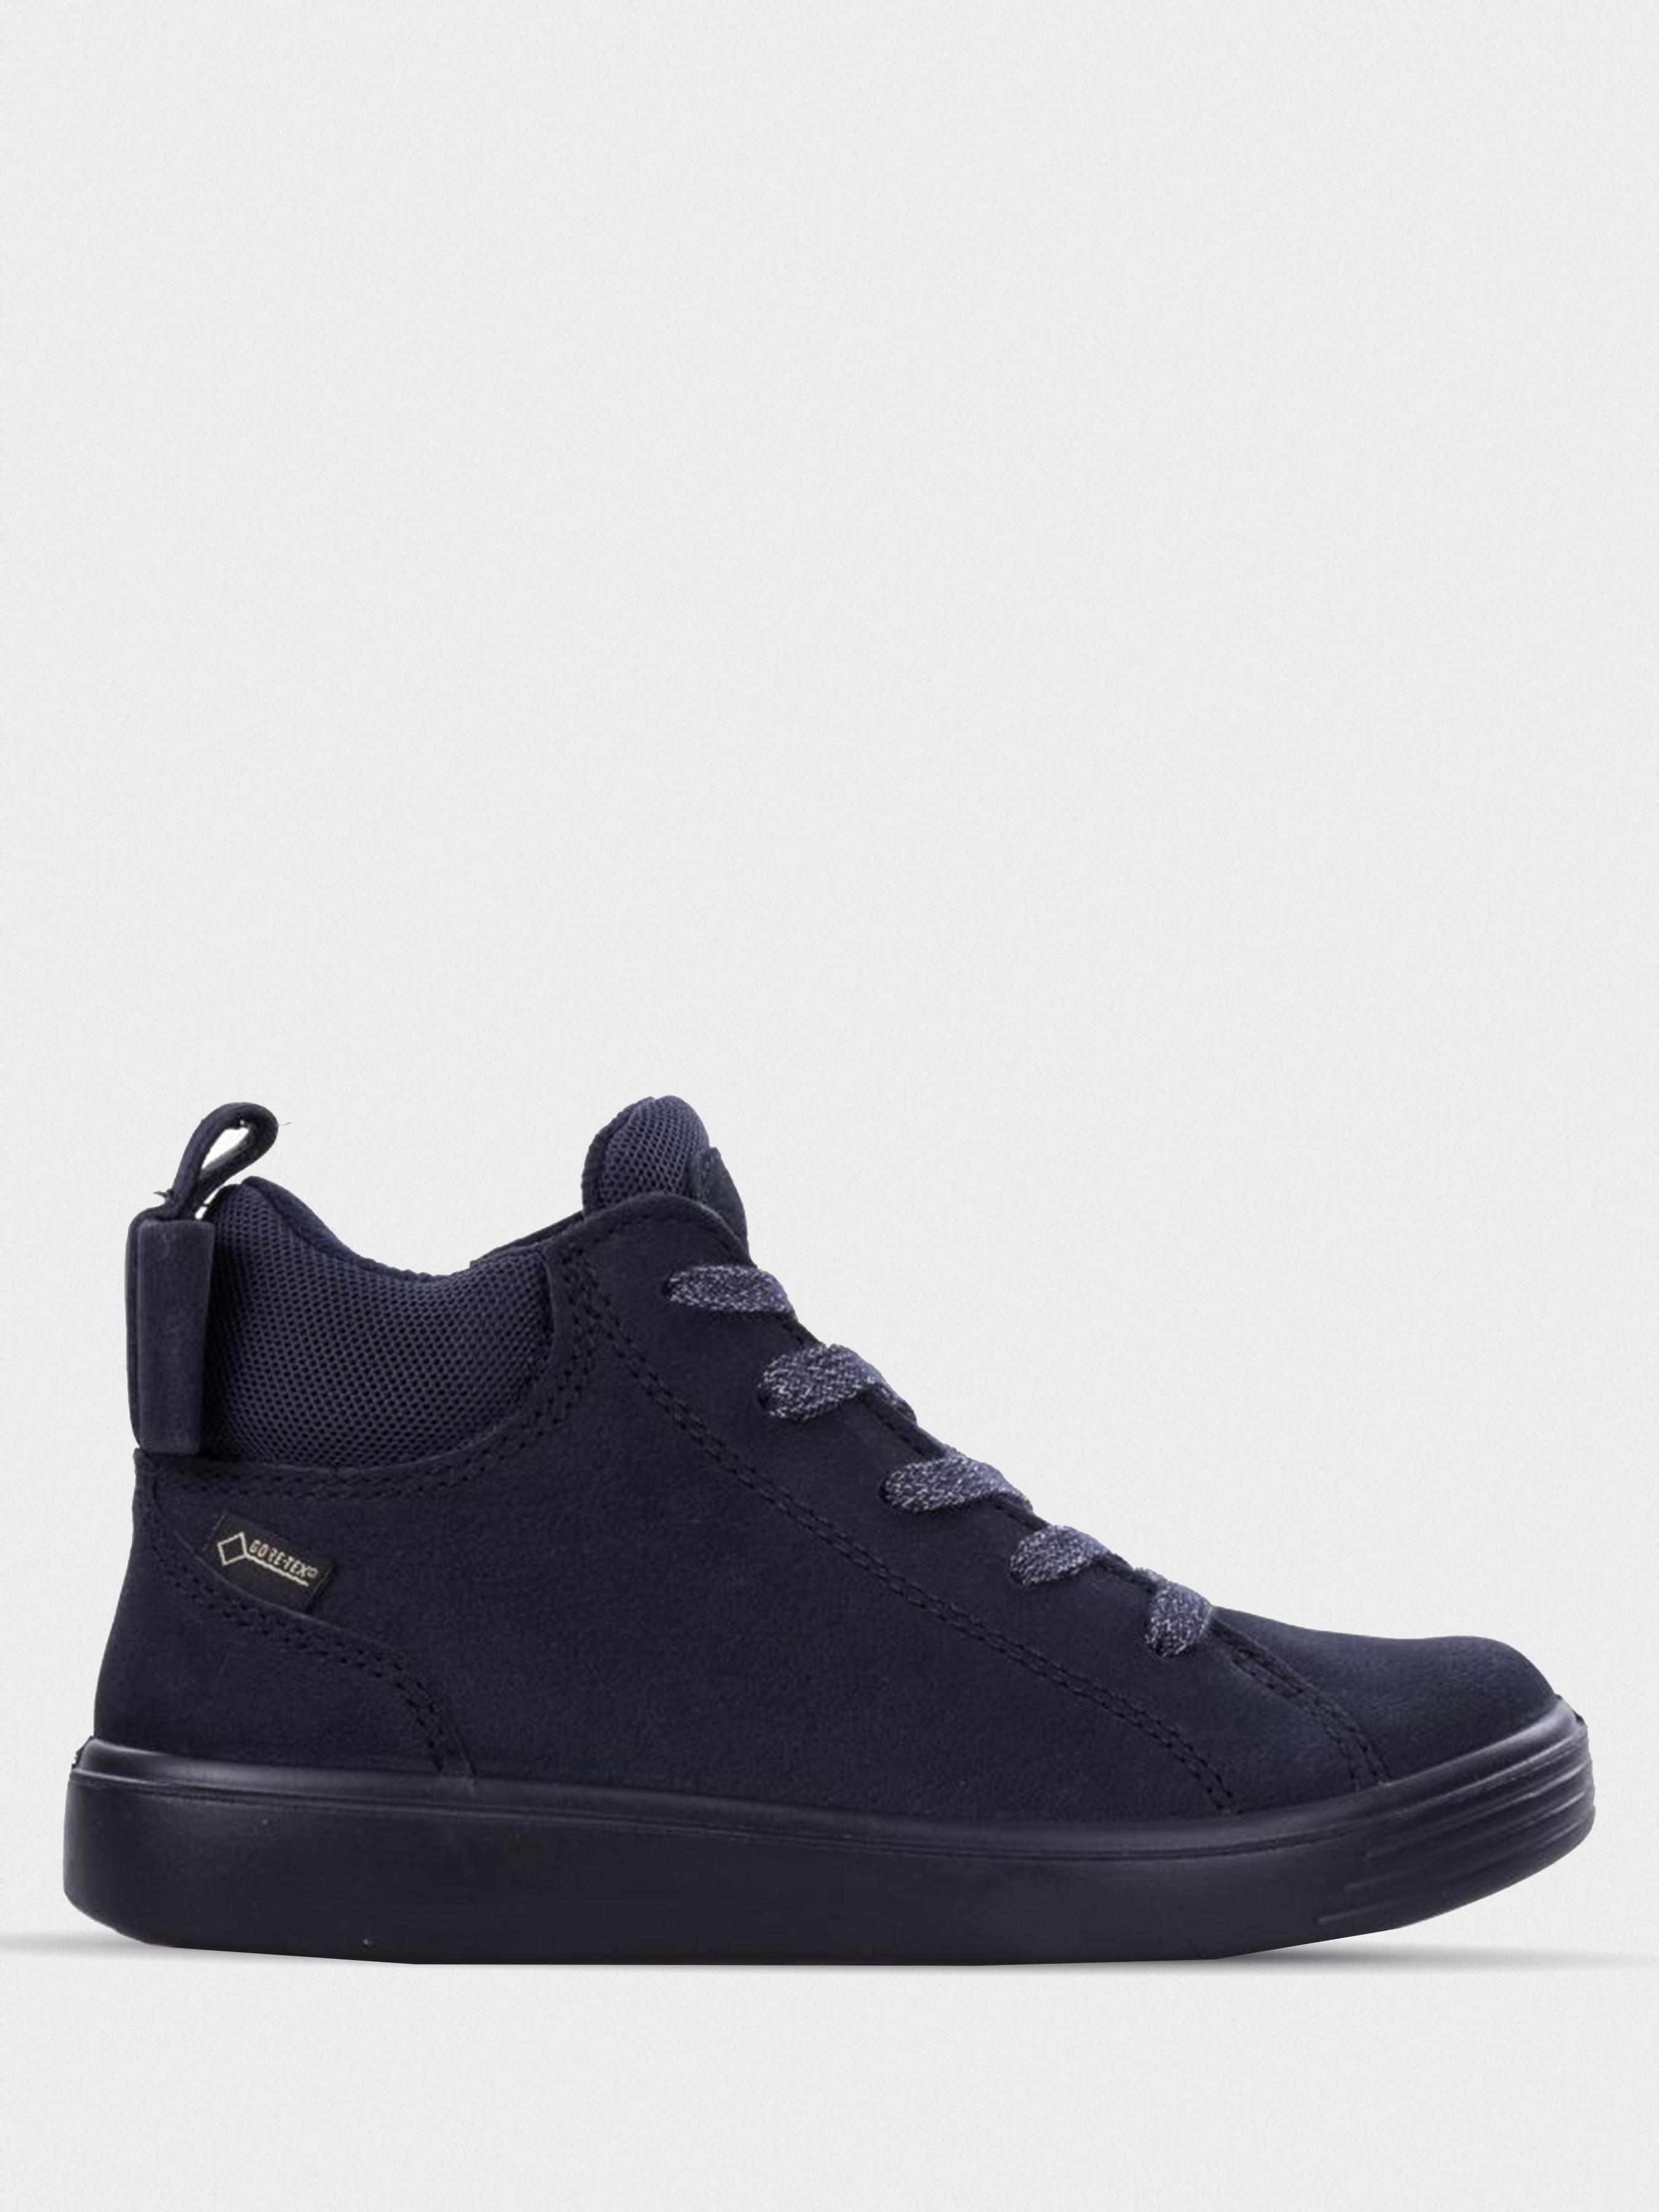 Купить Ботинки детские ECCO S7 TEEN ZK3249, Синий